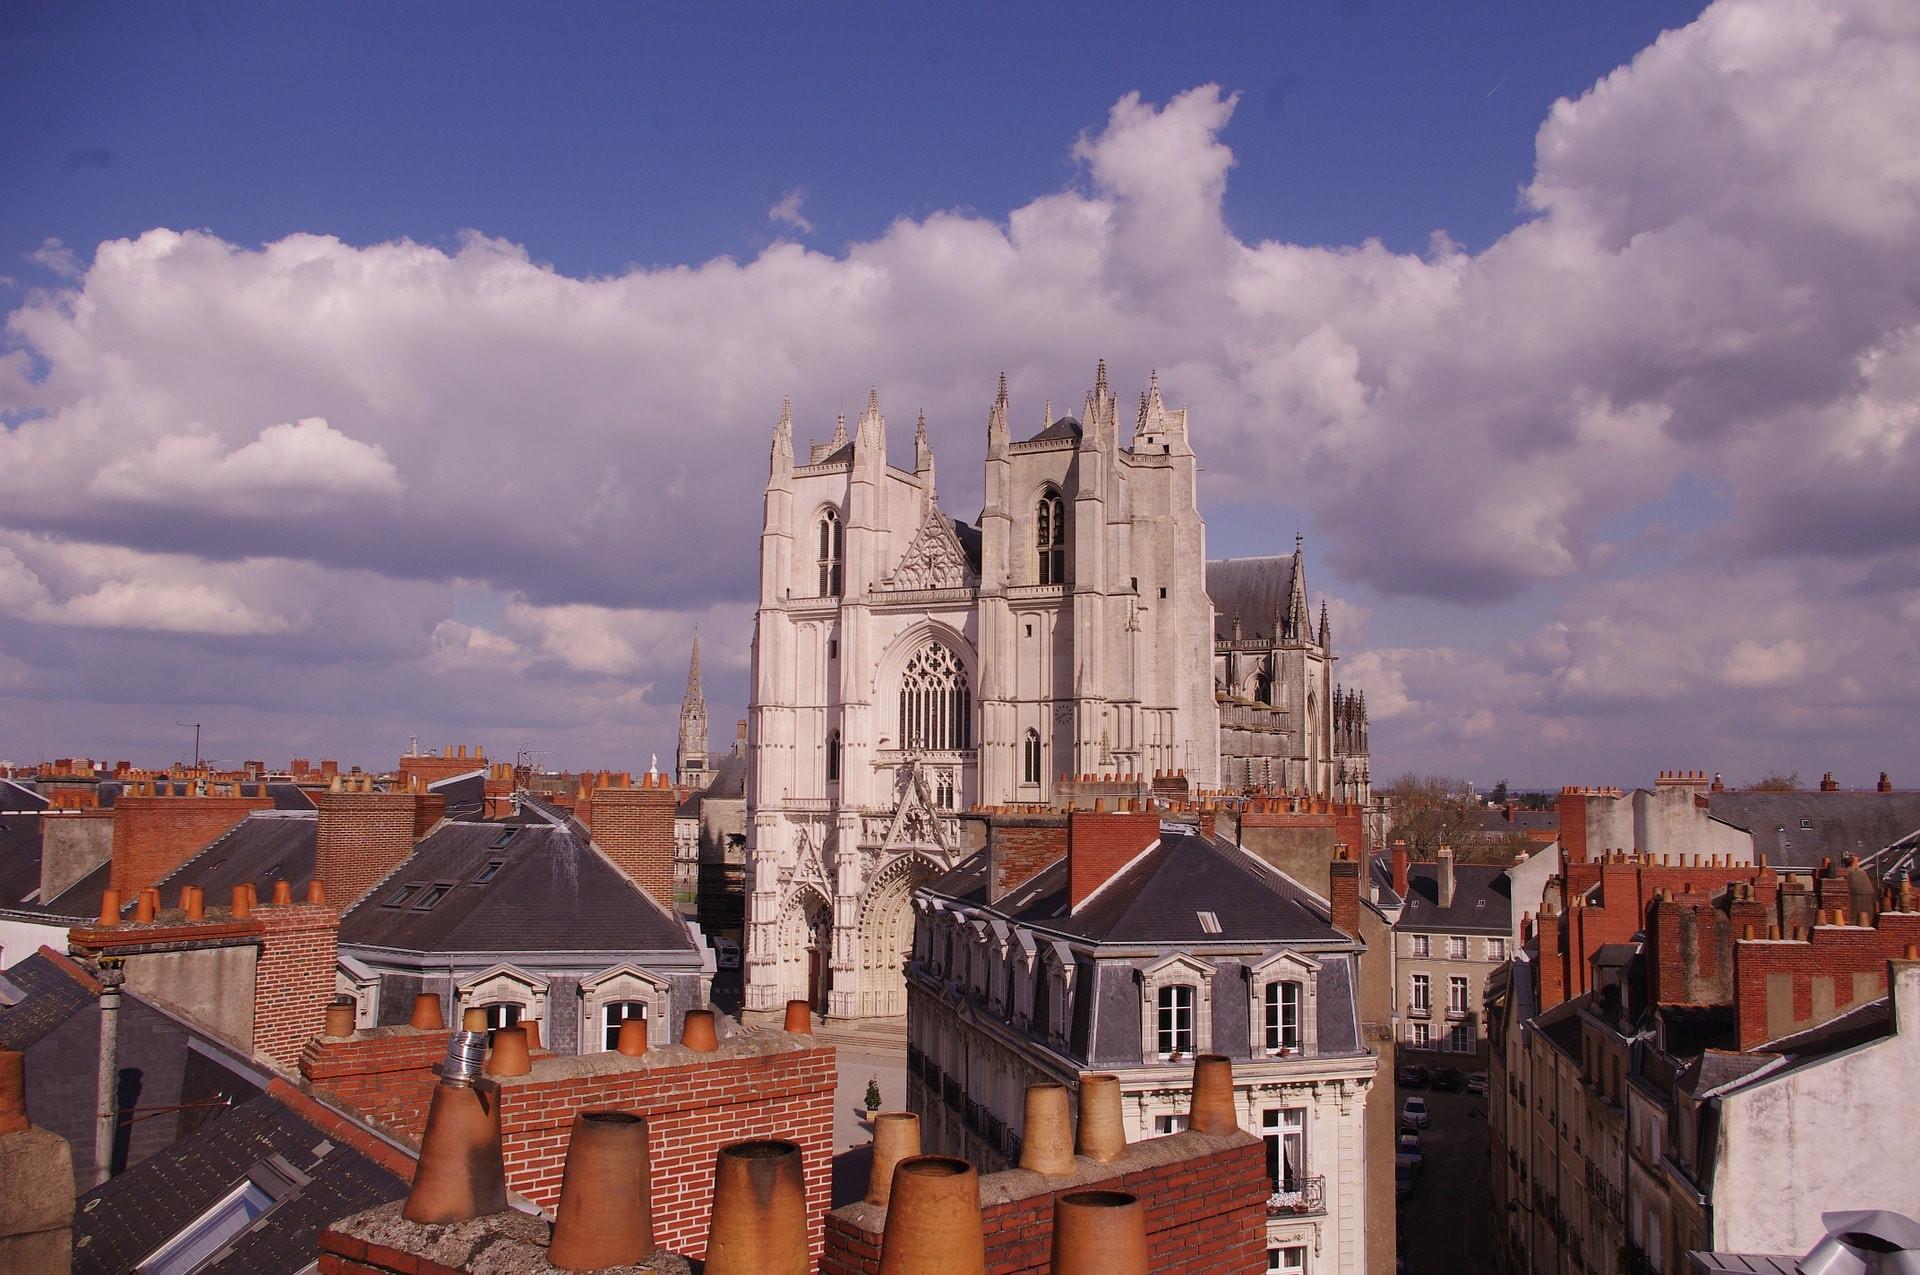 Vista aérea da Catedral de Nantes